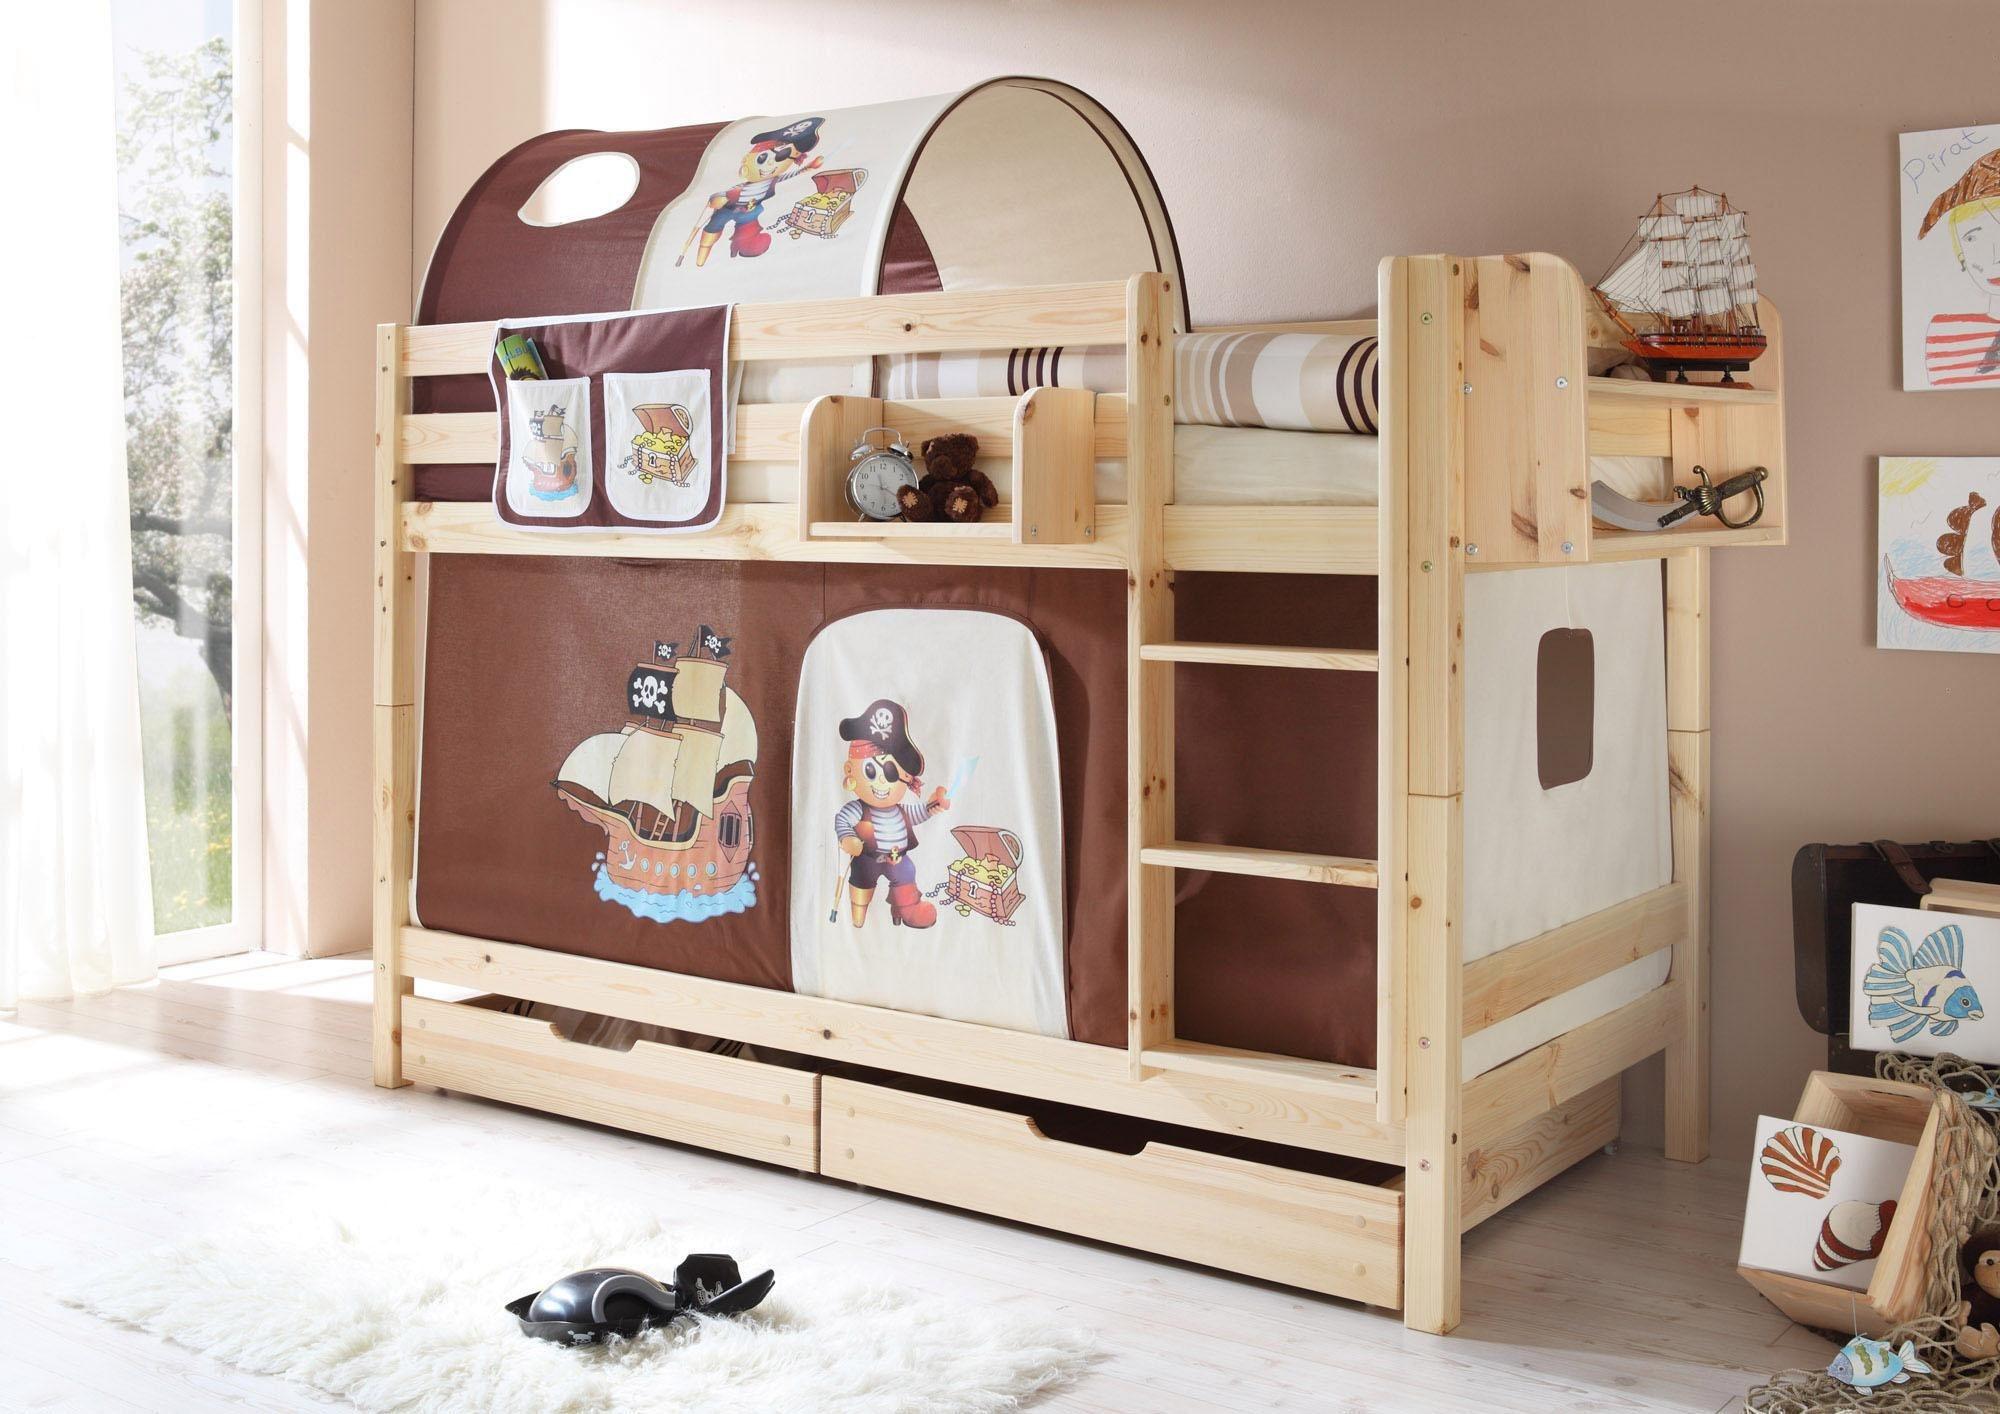 Ticaa Etagenbett Bewertung : Hjh office pro etagenbetten online kaufen möbel suchmaschine